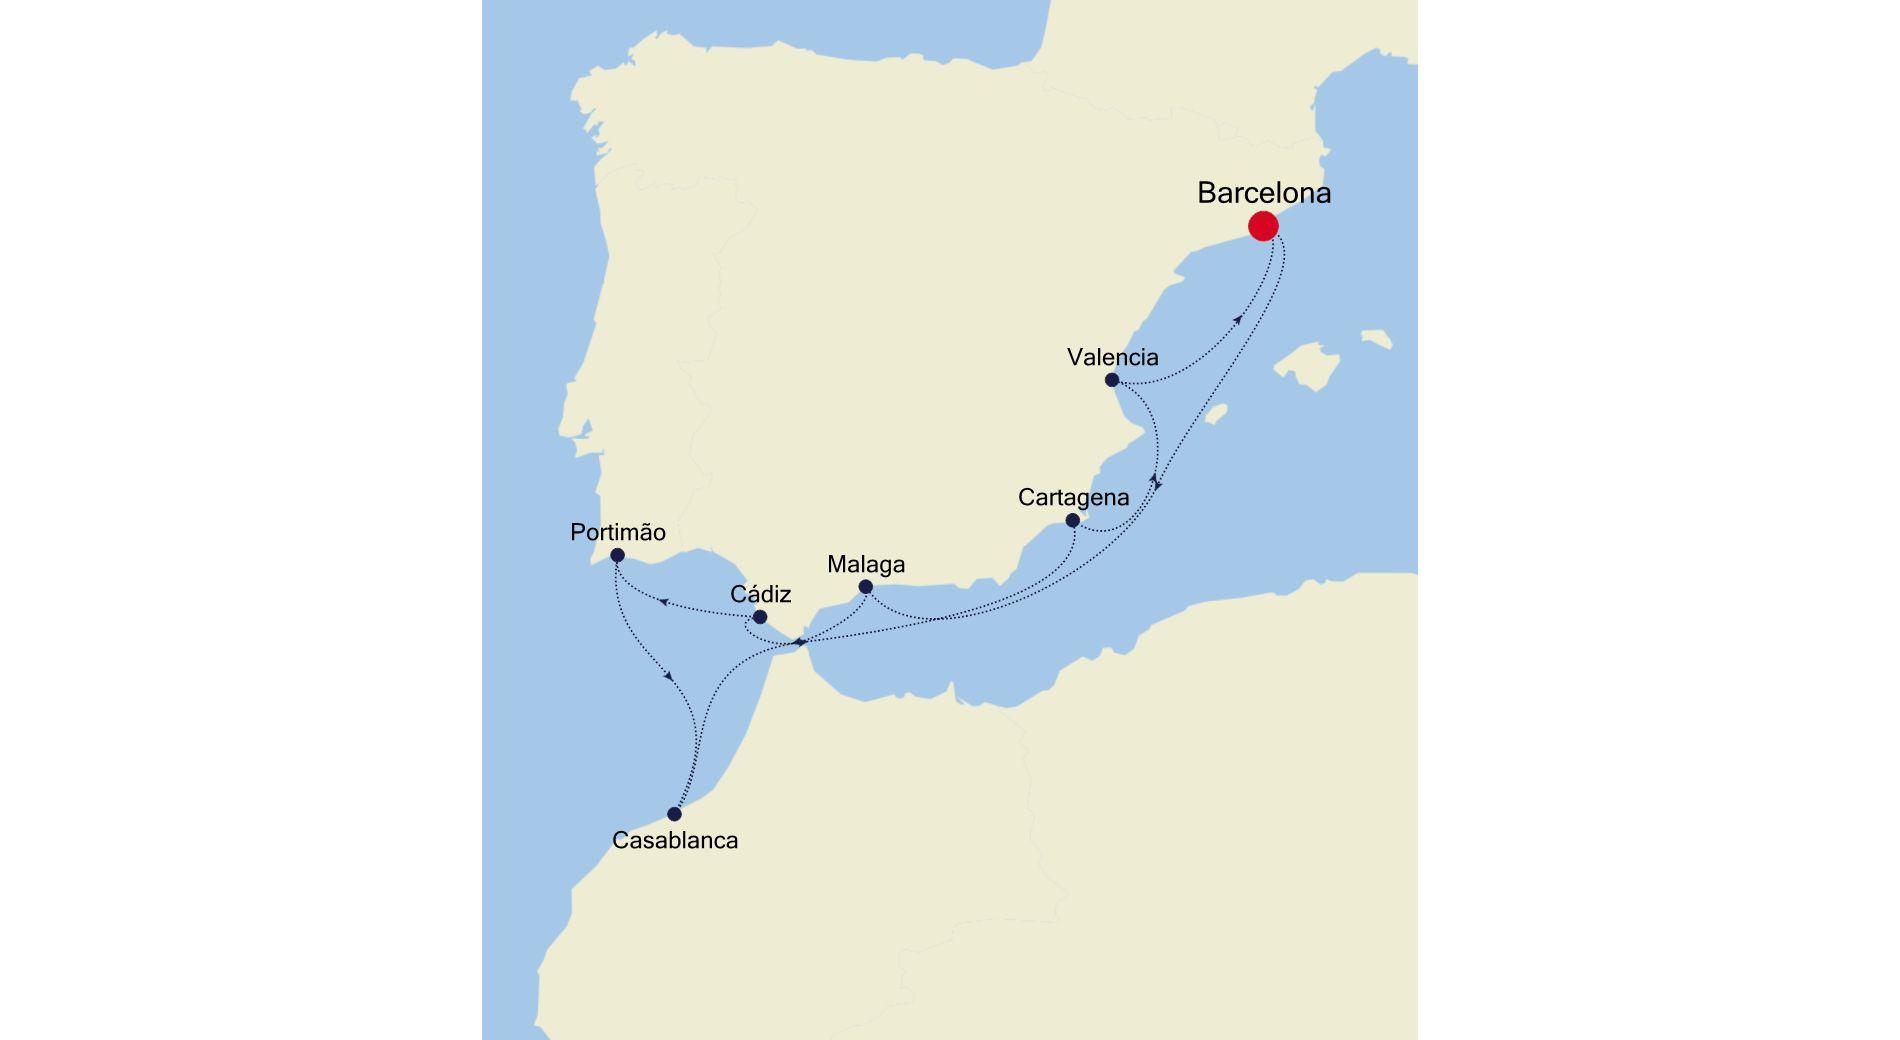 SS200914010 - Barcelona nach Barcelona